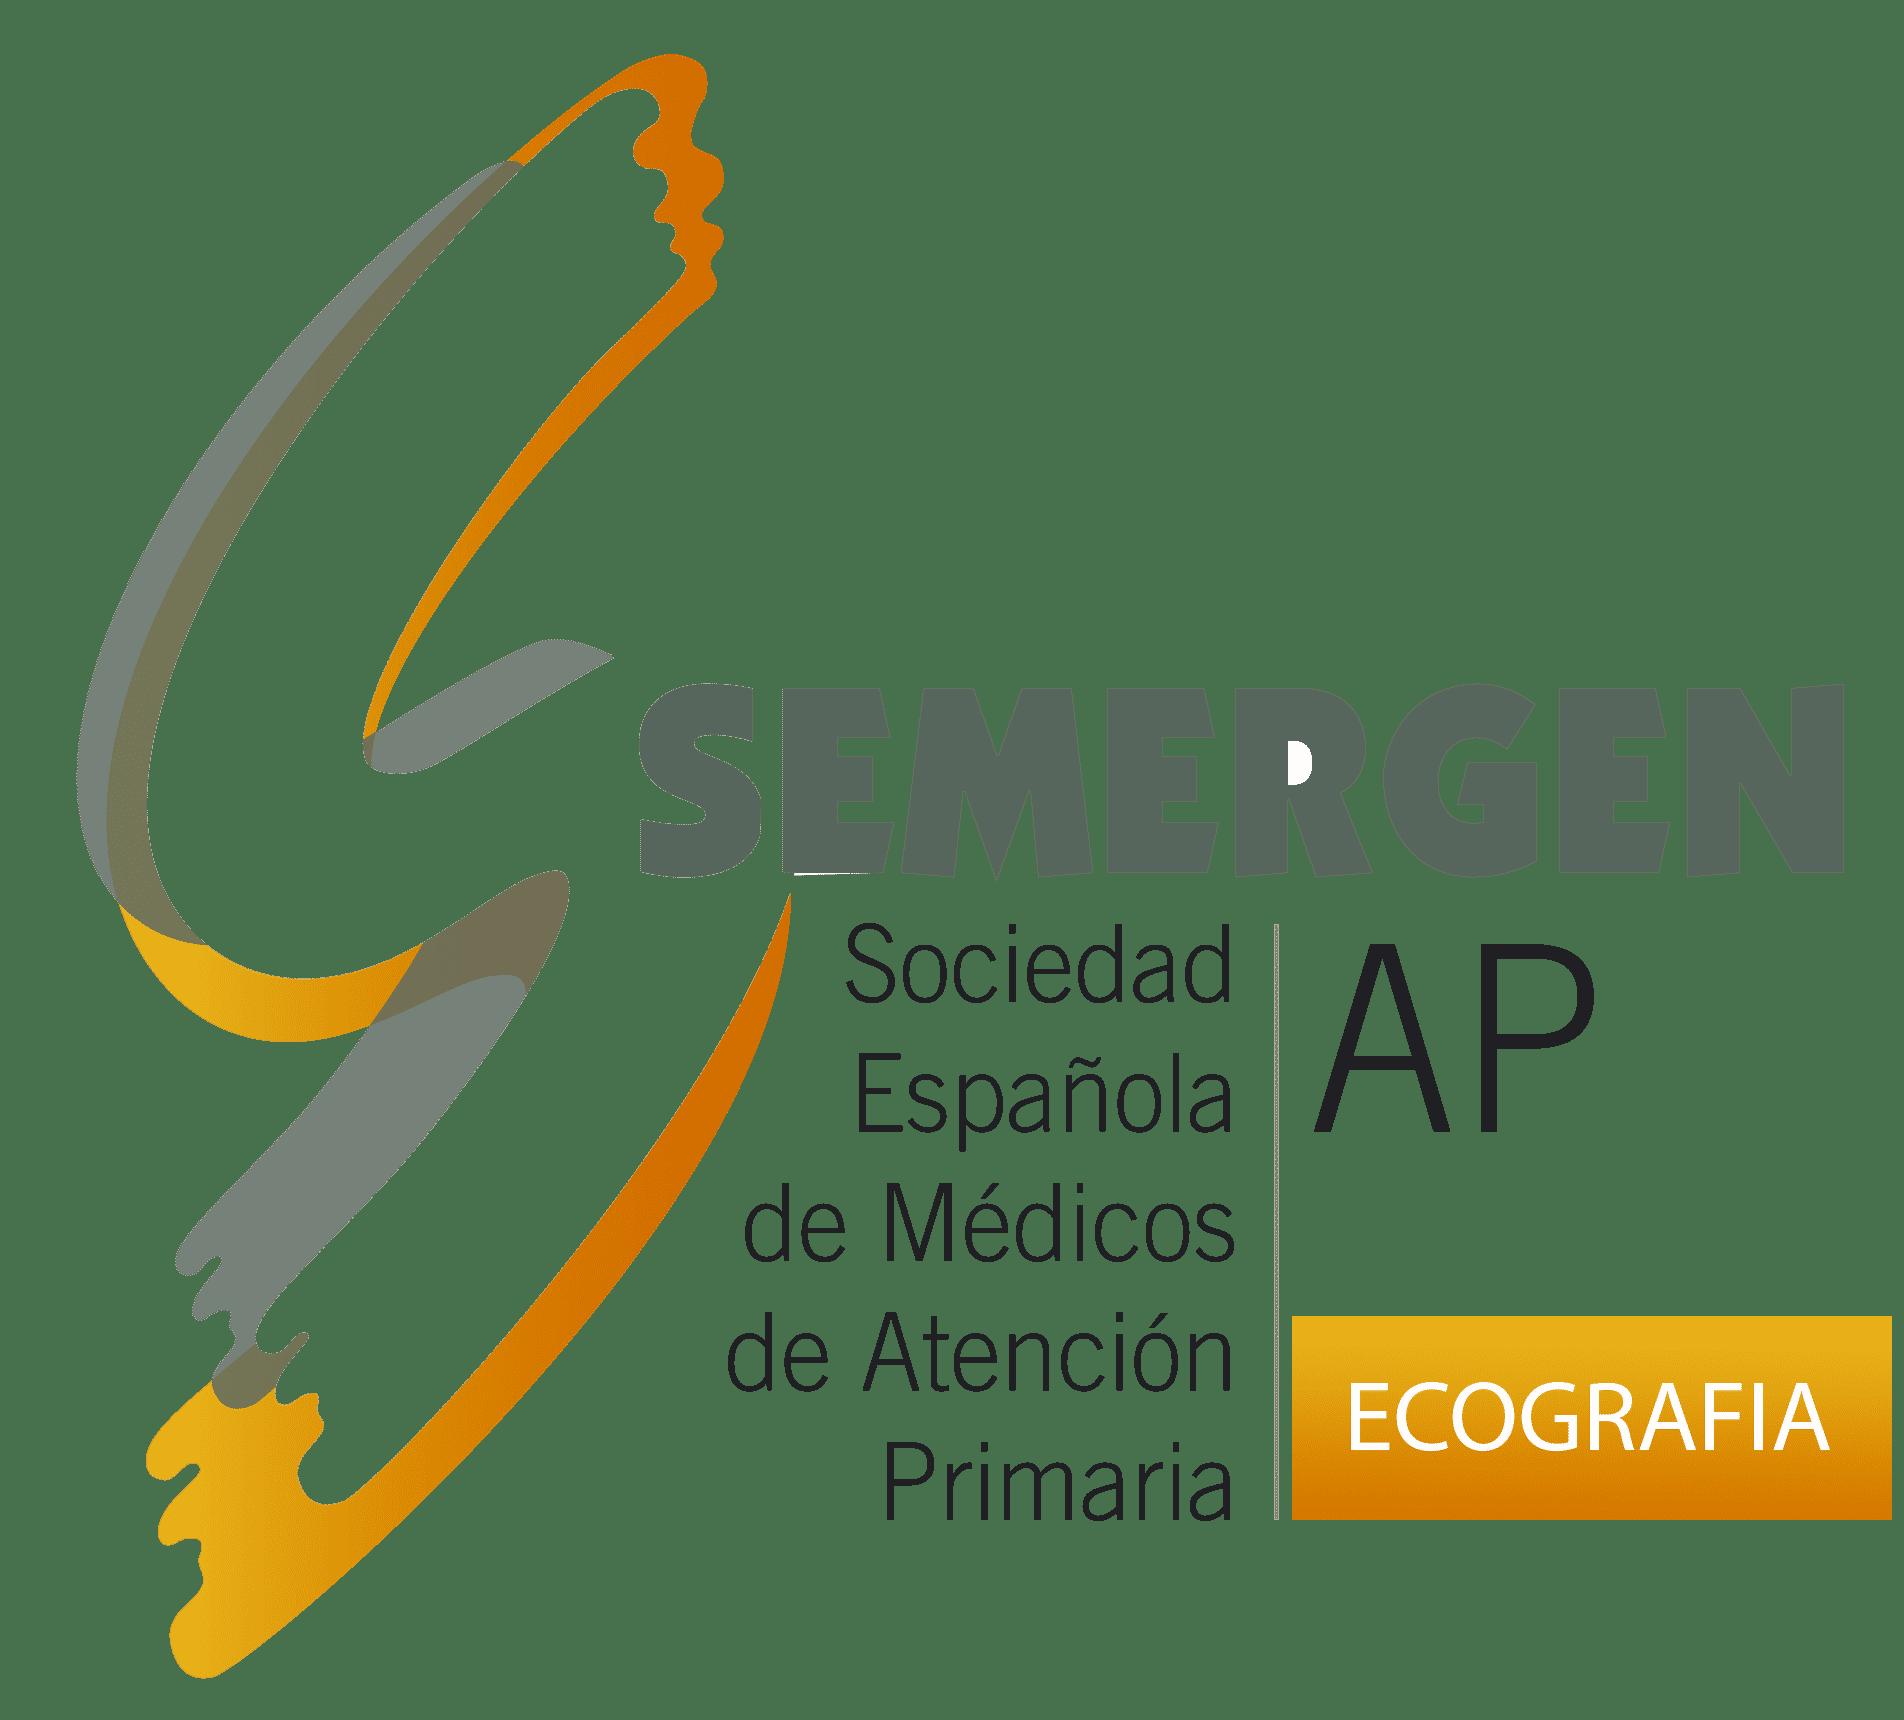 Ecografia.eu